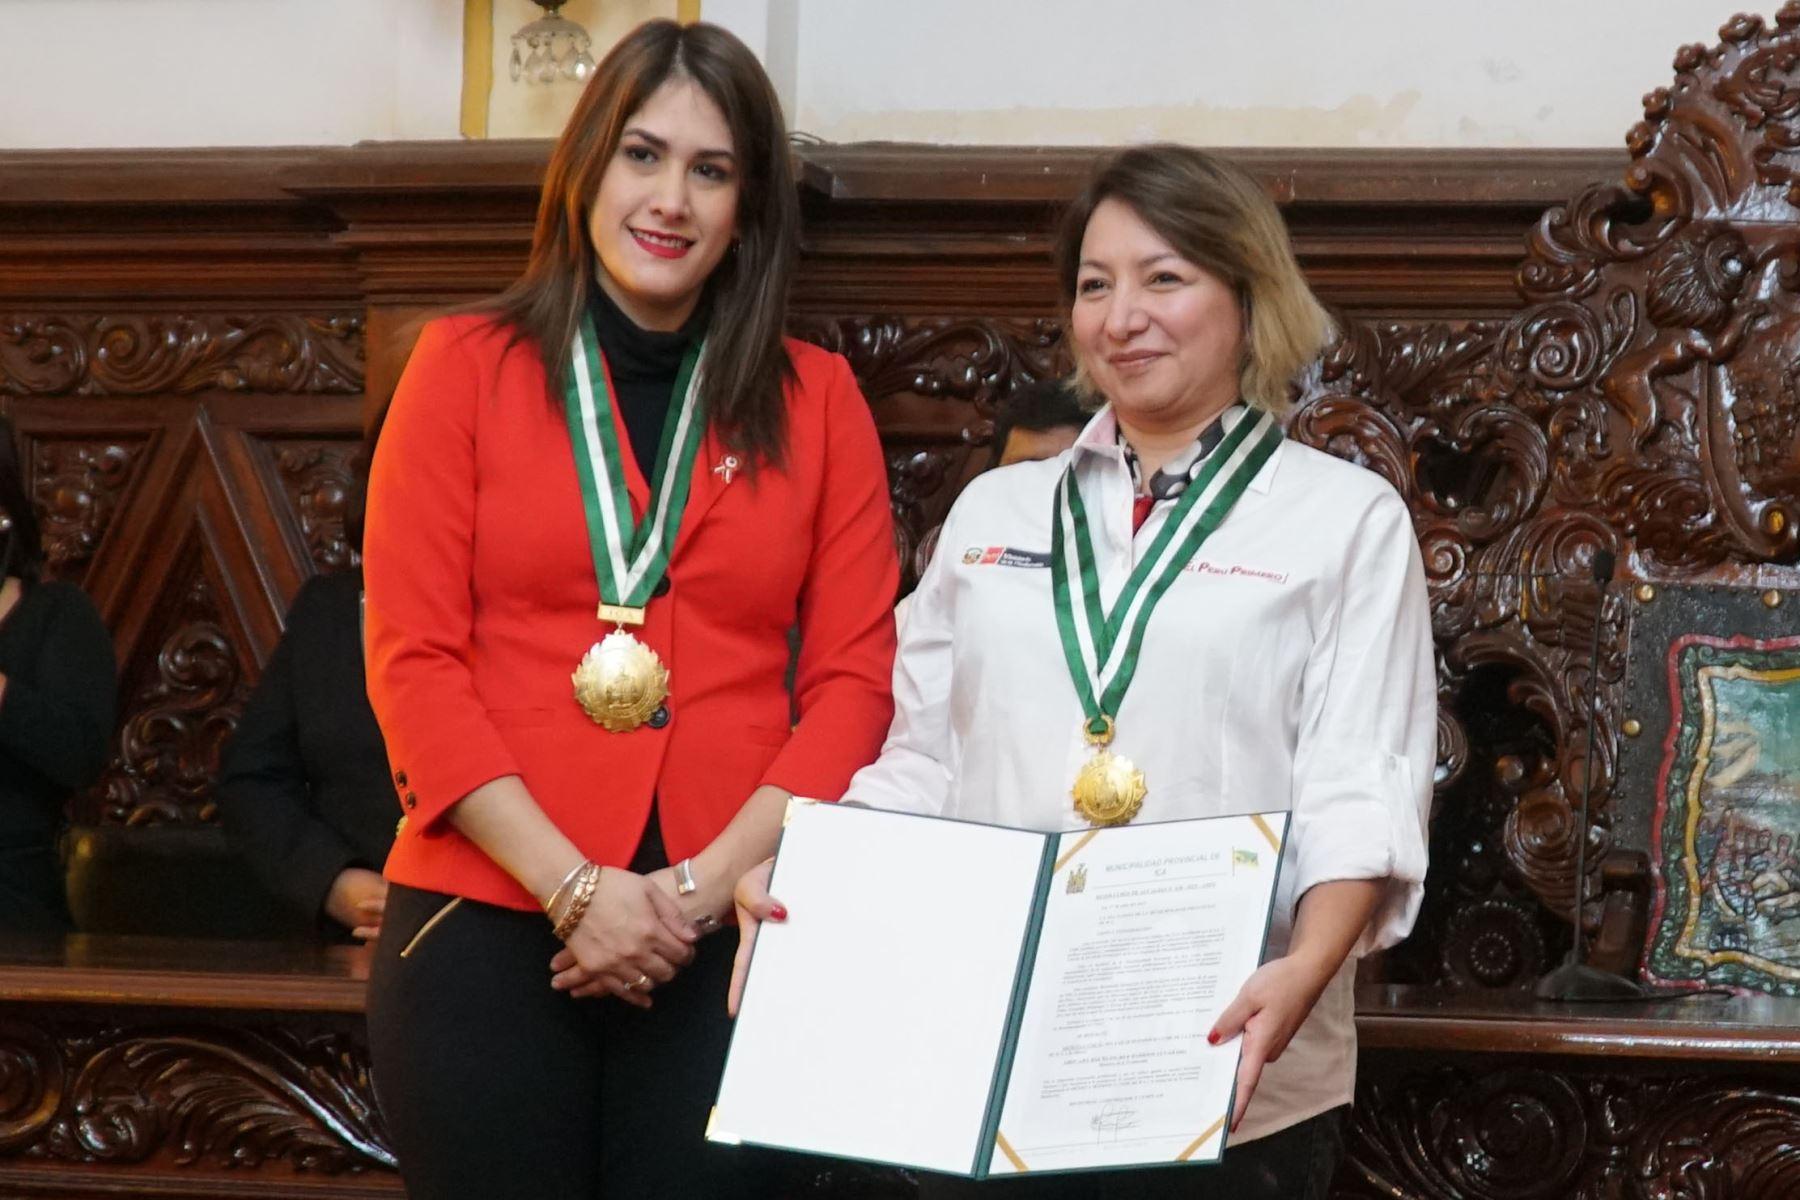 La ministra Rocío Barrios Alvarado fue declarada Huésped Ilustre por la alcaldesa de Ica, Emma Mejía Venegas en el salón de actos de la Municipalidad Provincial de Ica.Foto:ANDINA/Cortesía Genry Bautista